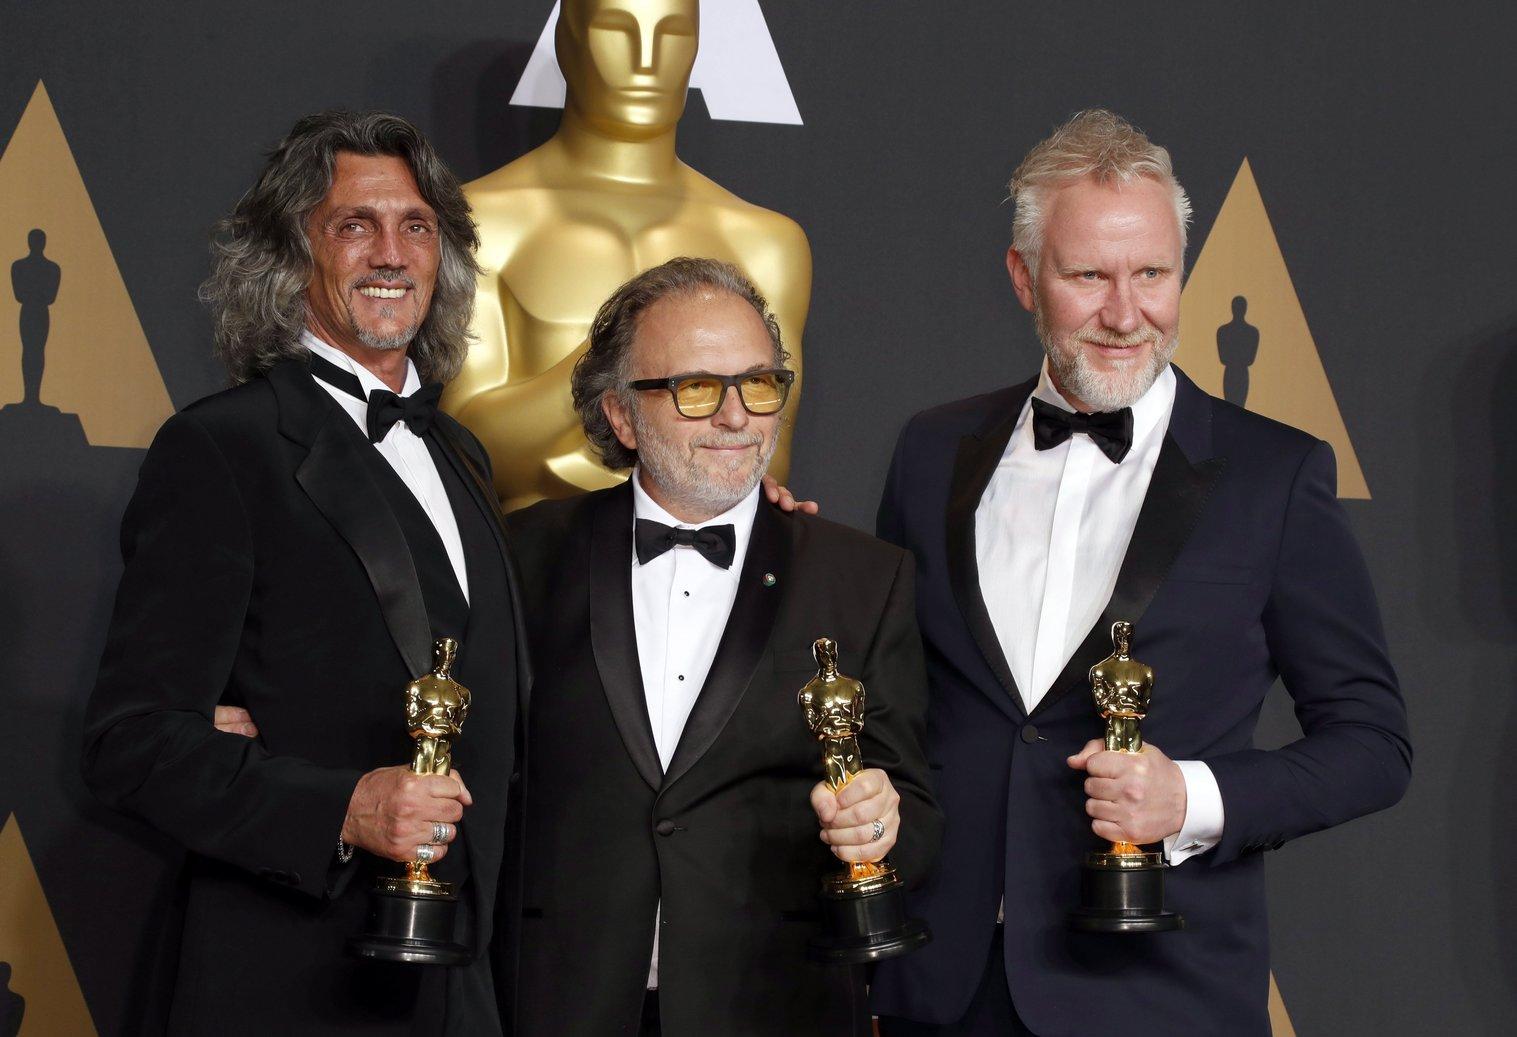 Giorgio Gregorini, Alessandro Bertolazzi és Christopher Nelson a legjobb sminknek járó díjjal a 89. Oscar-gálán a Los Angeles-i Dolby Színházban 2017. február 26-án. A maszkmestereket a Suicide Squad - Öngyilkos osztag című filmben nyújtott munkájukért díjazták. (MTI/EPA/Paul Buck)